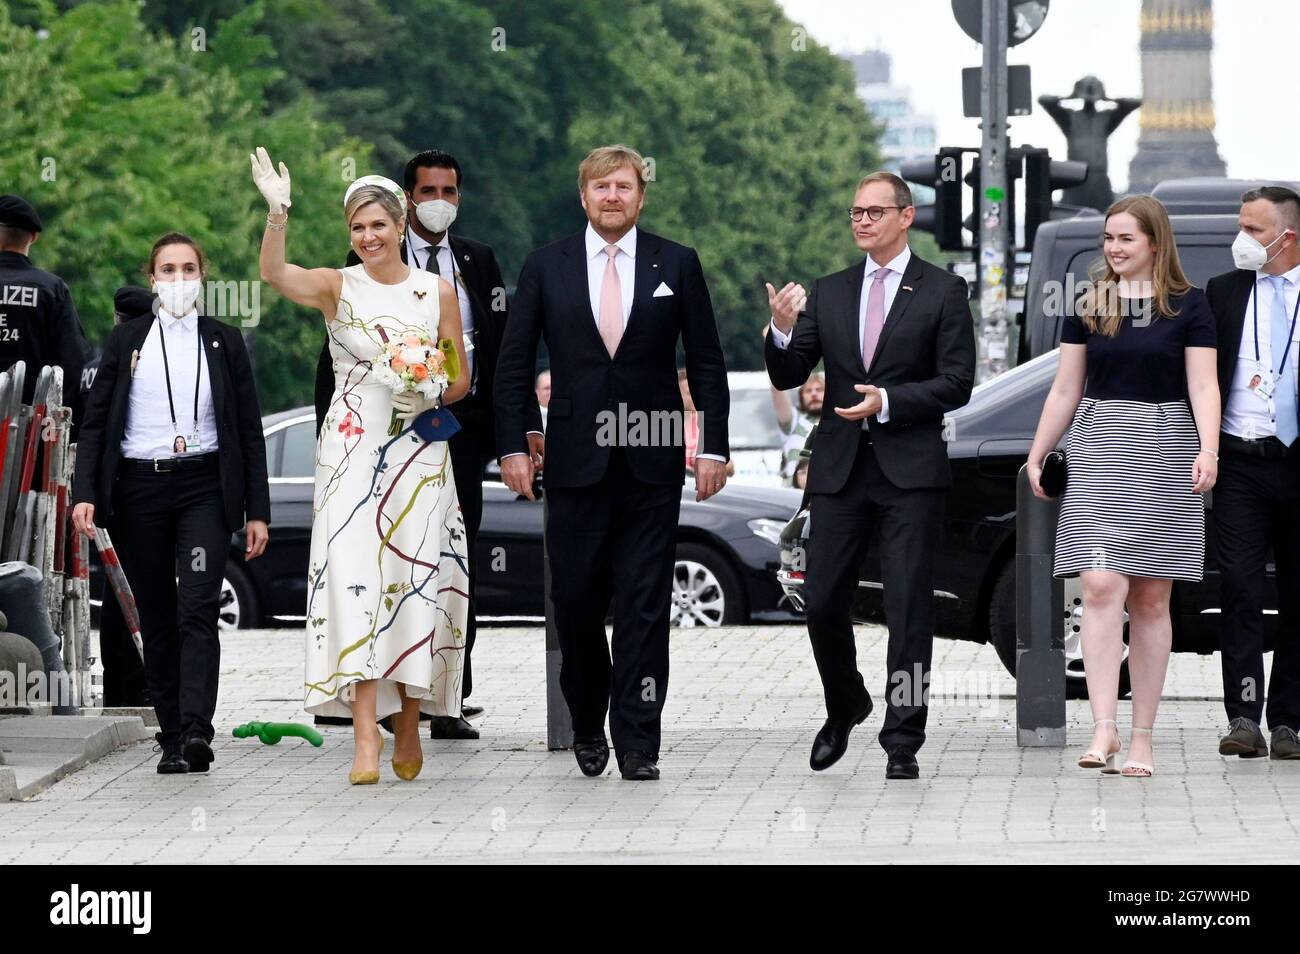 La reina Maxima, el rey Willem-Alexander de los Países Bajos y Michael Mueller visitan el Brandenburger Tor el 5 de julio de 2021 en Berlín, Alemania. Foto de stock